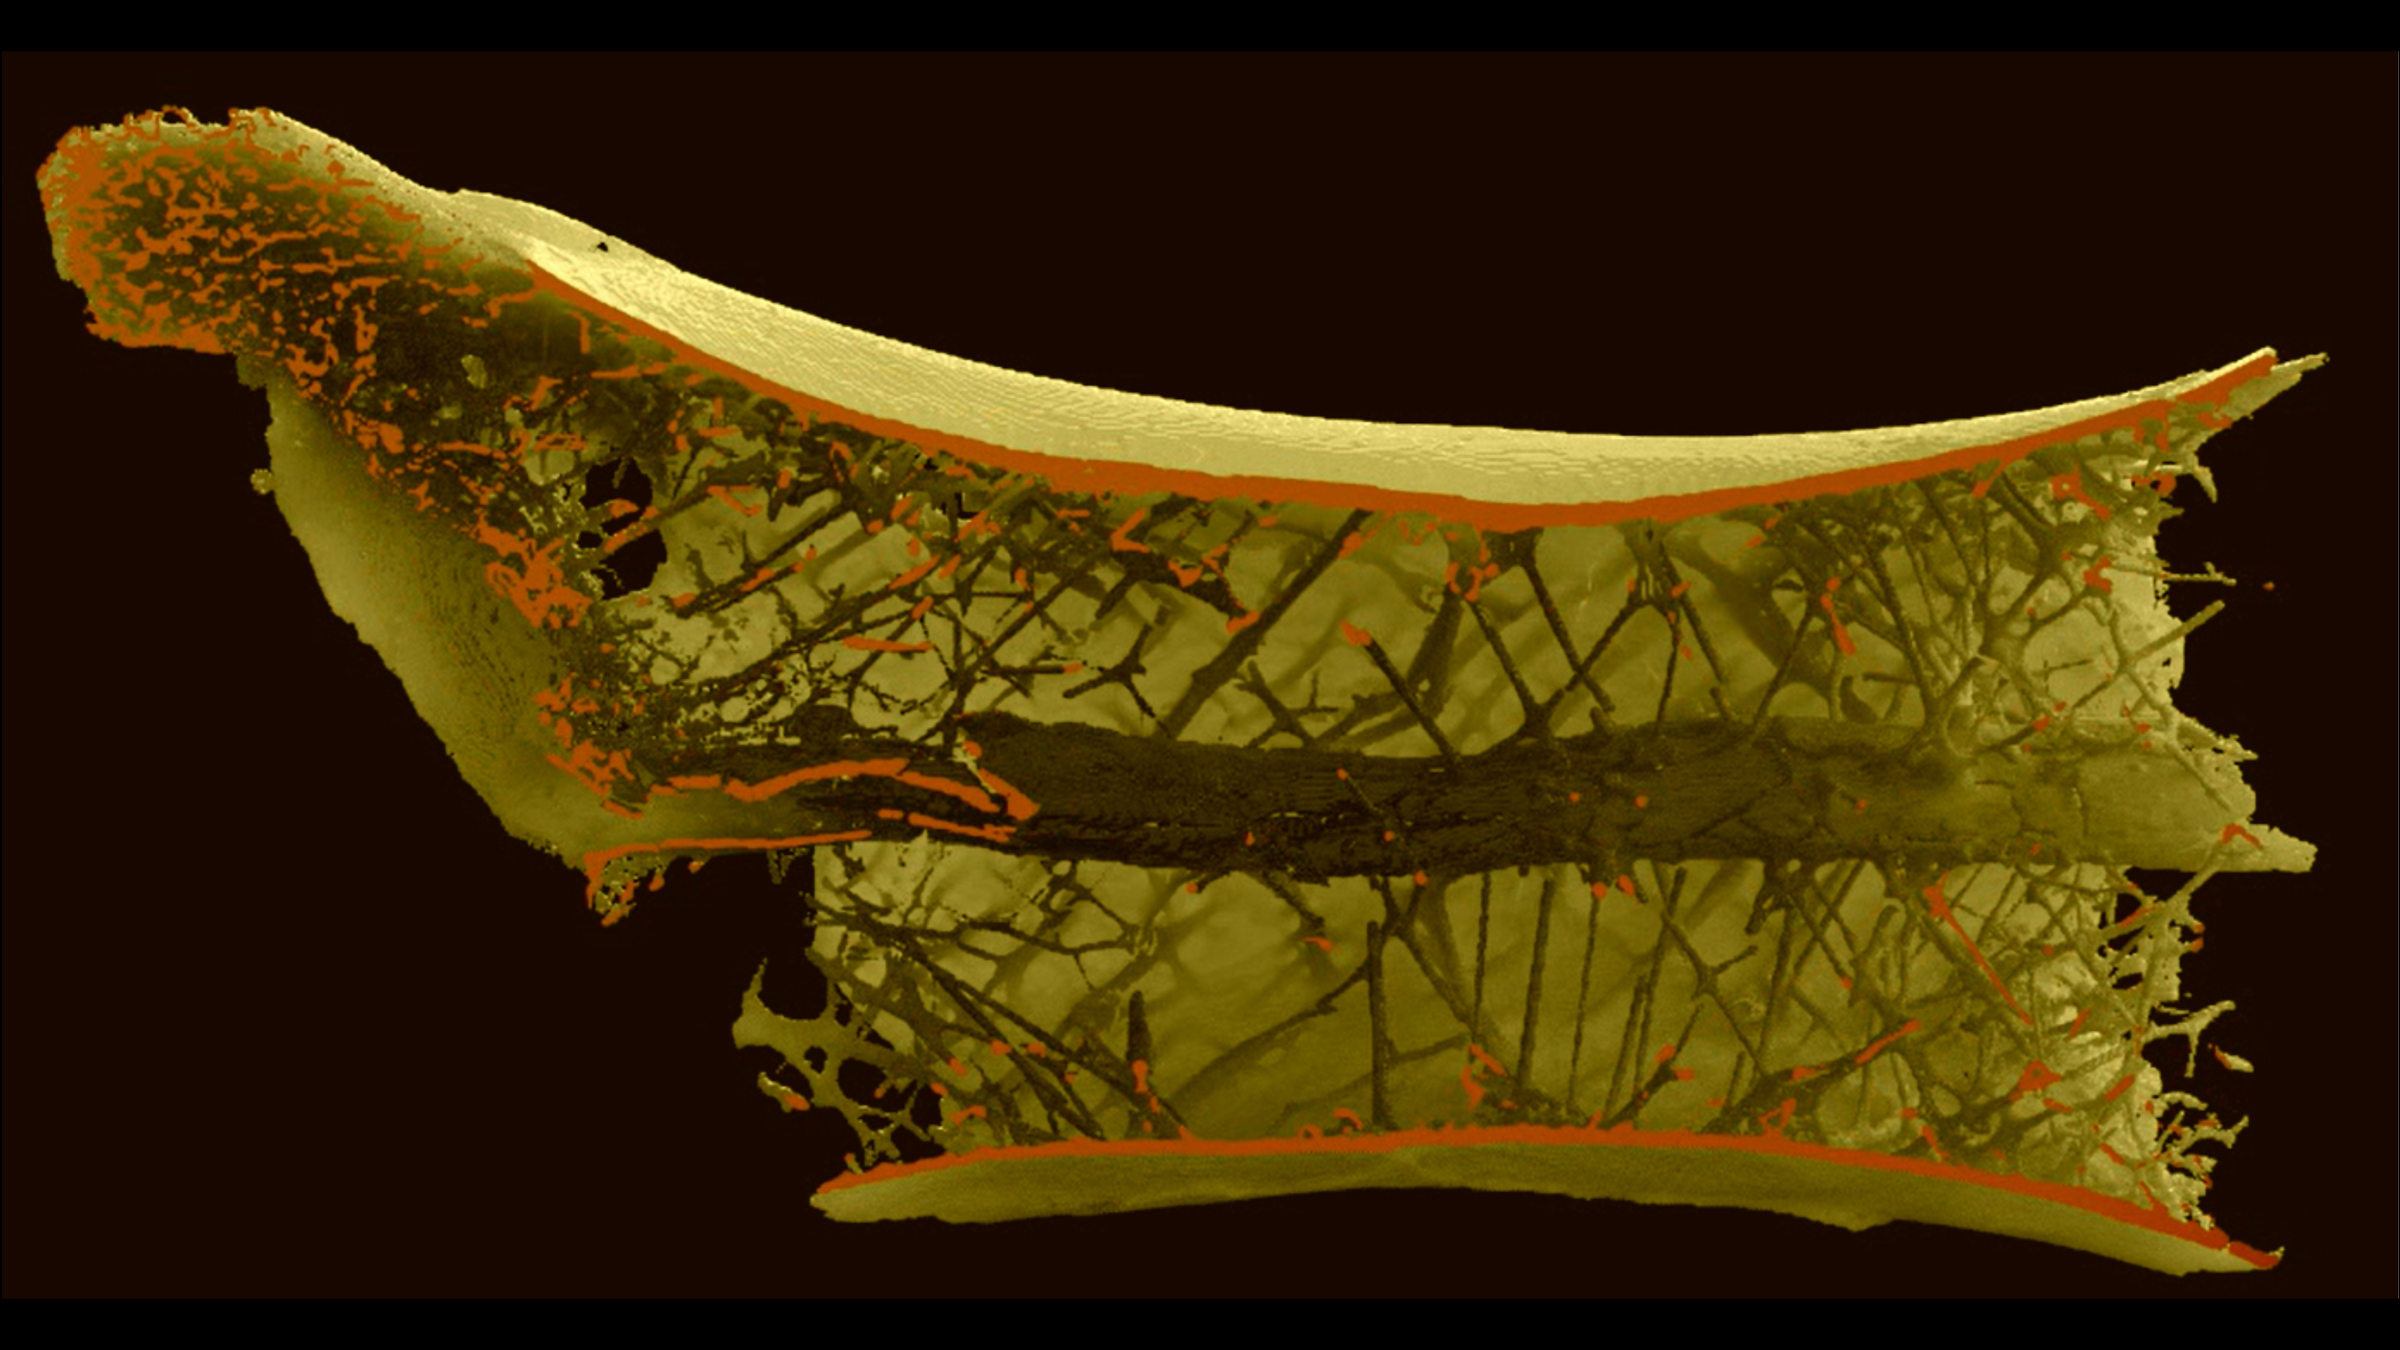 Cette coupe transversale de la vertèbre du ptérosaure montre la disposition en forme de rayon en son sein.